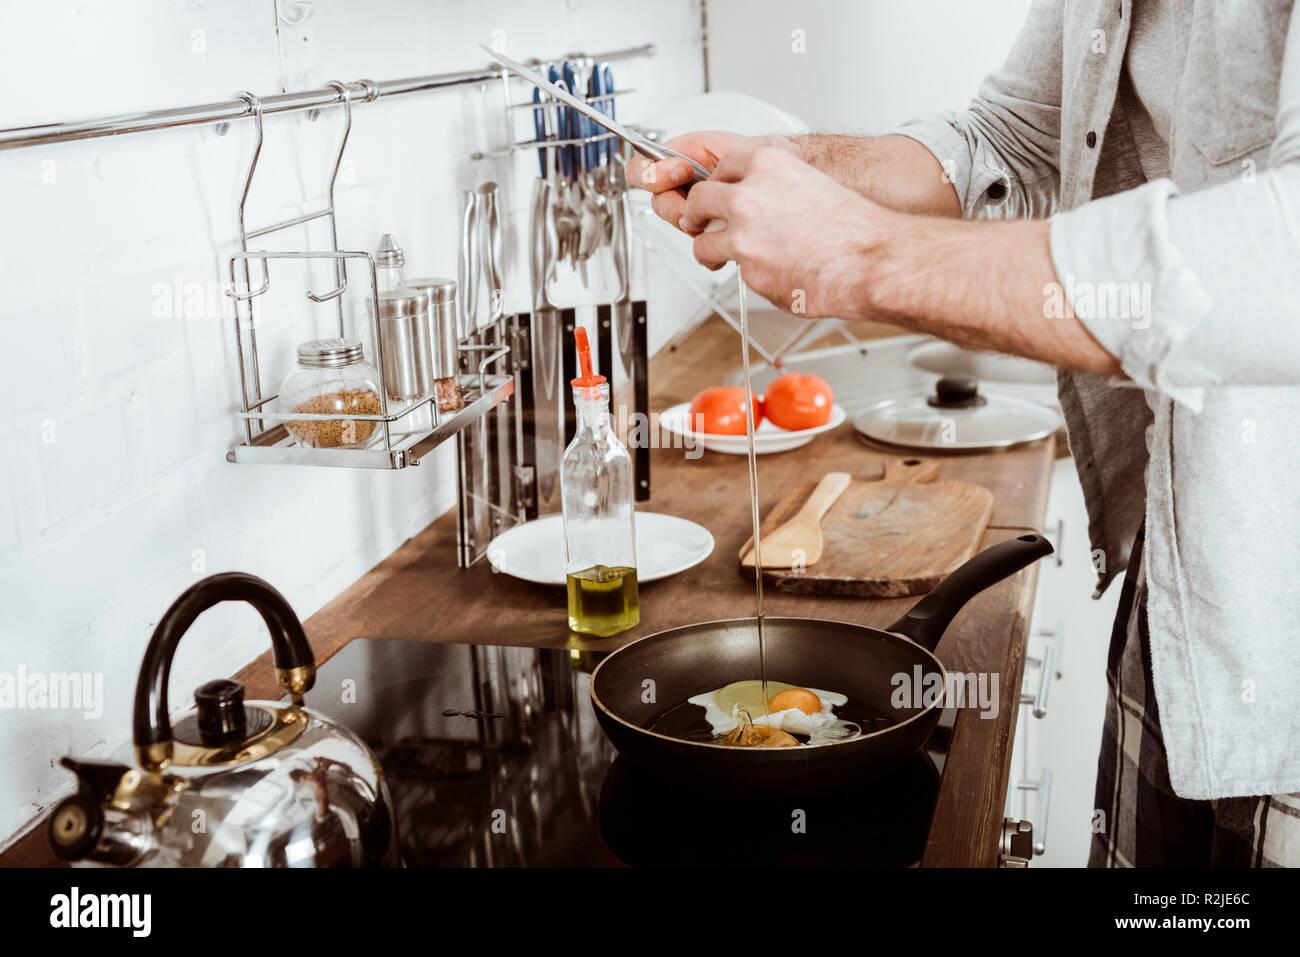 Vista parziale del giovane per la cottura delle uova strapazzate su Prima colazione in cucina Immagini Stock